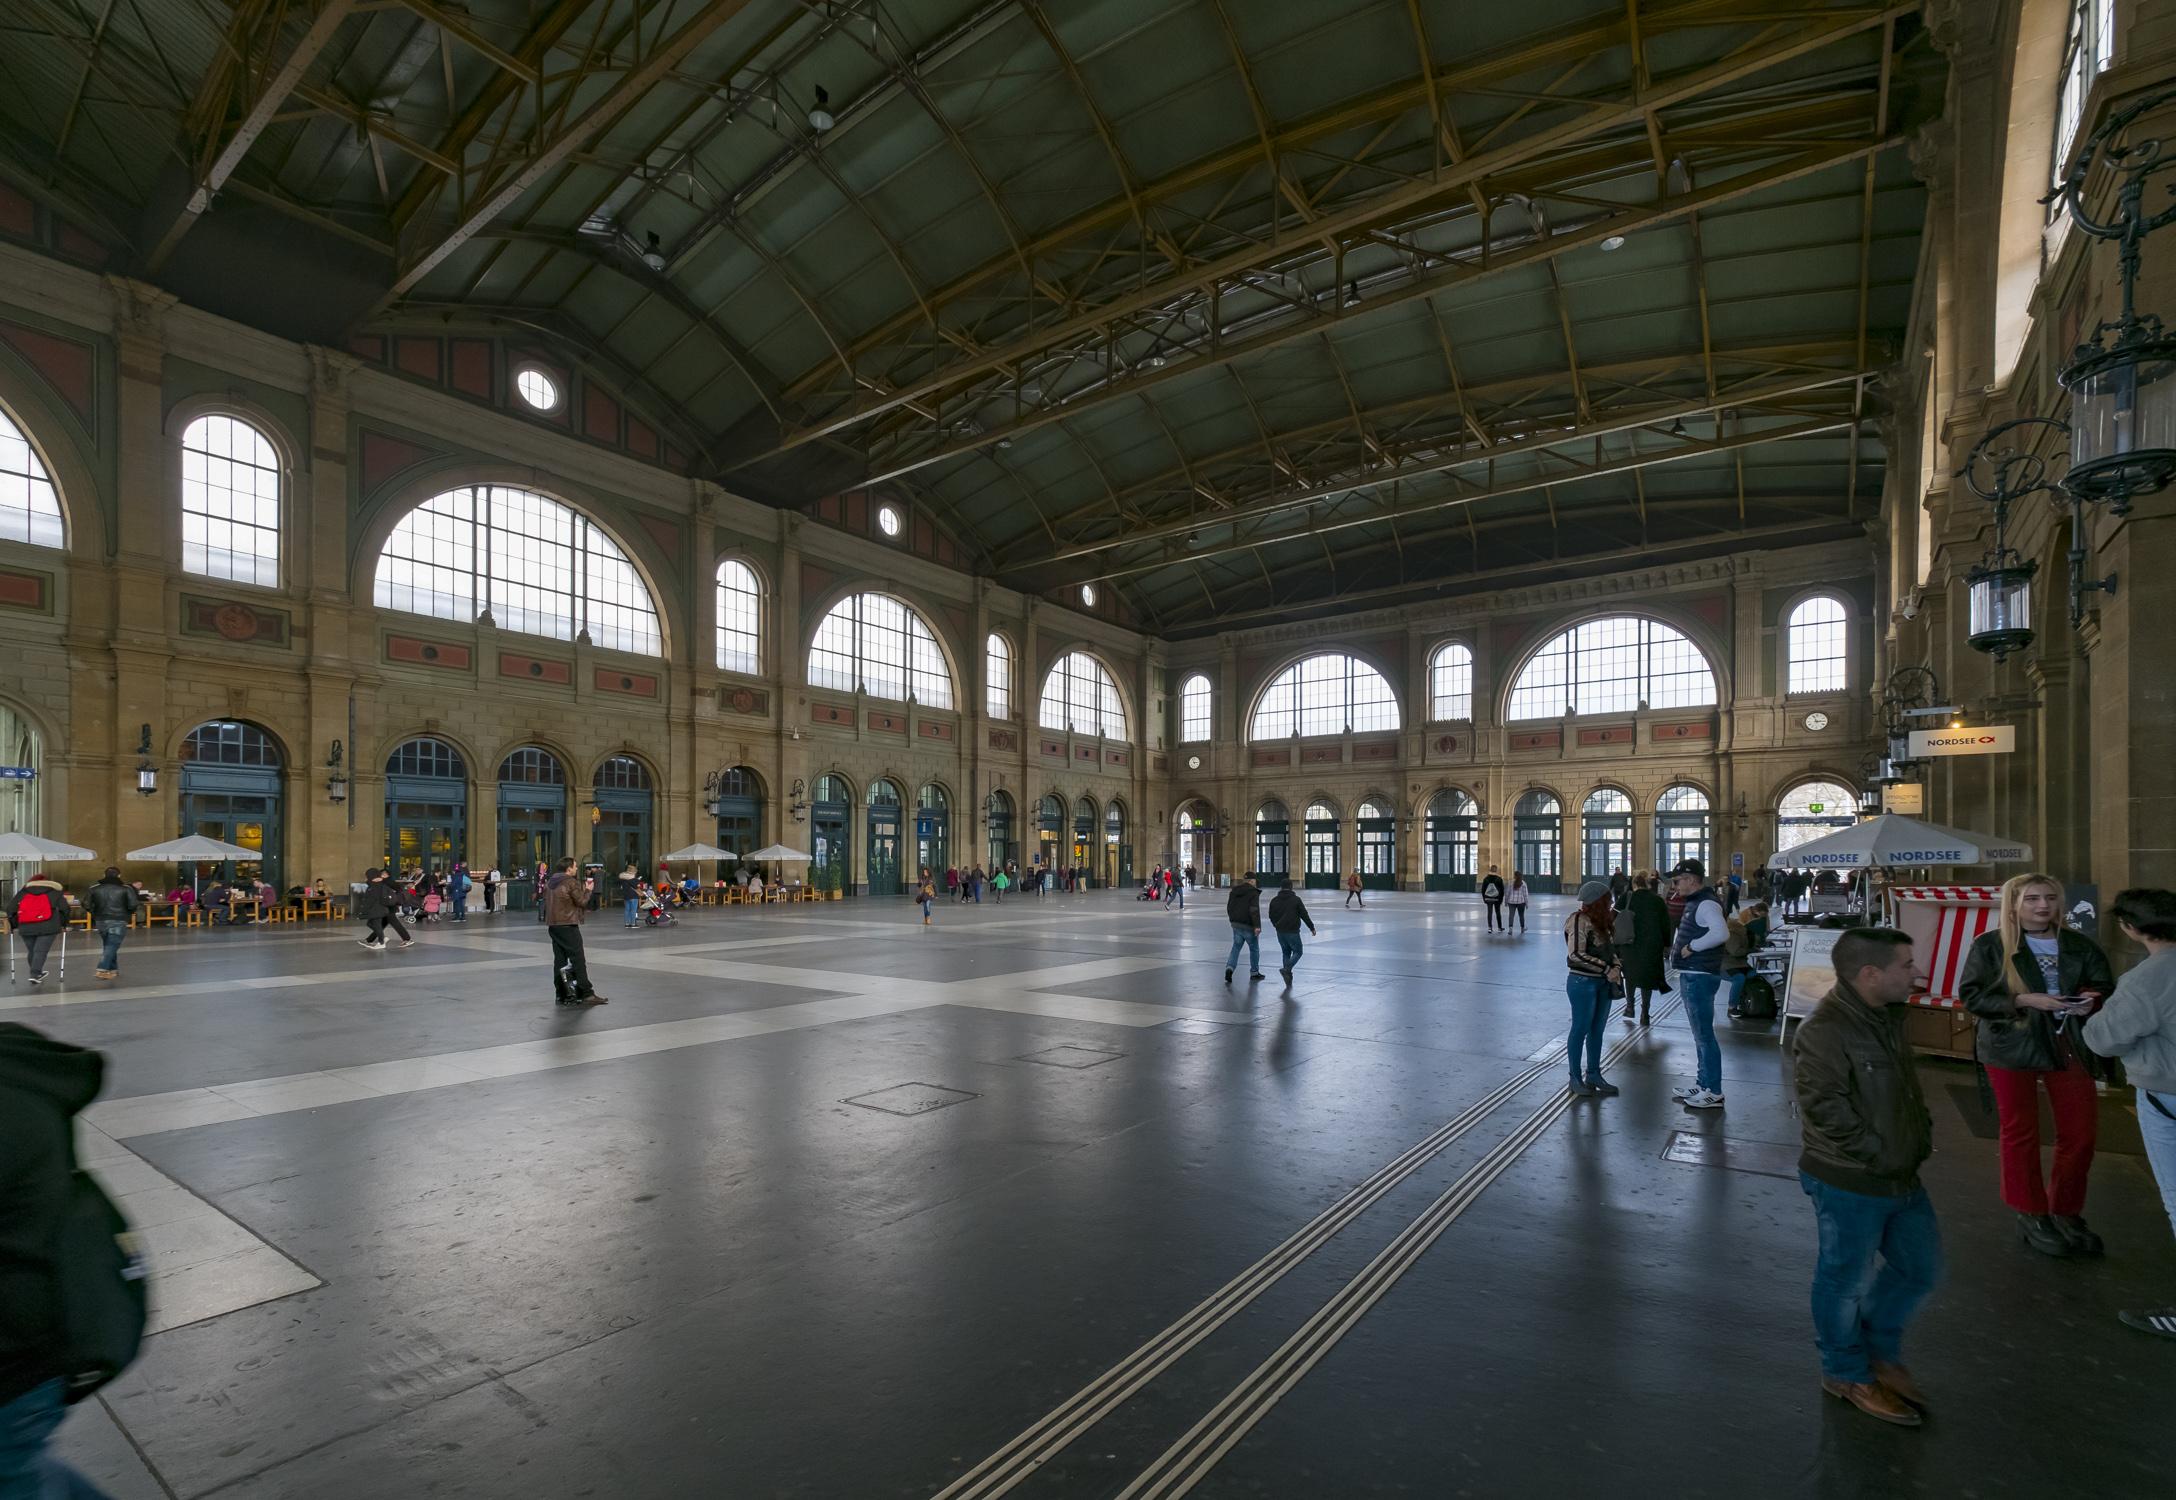 Halle Hauptbahnhof